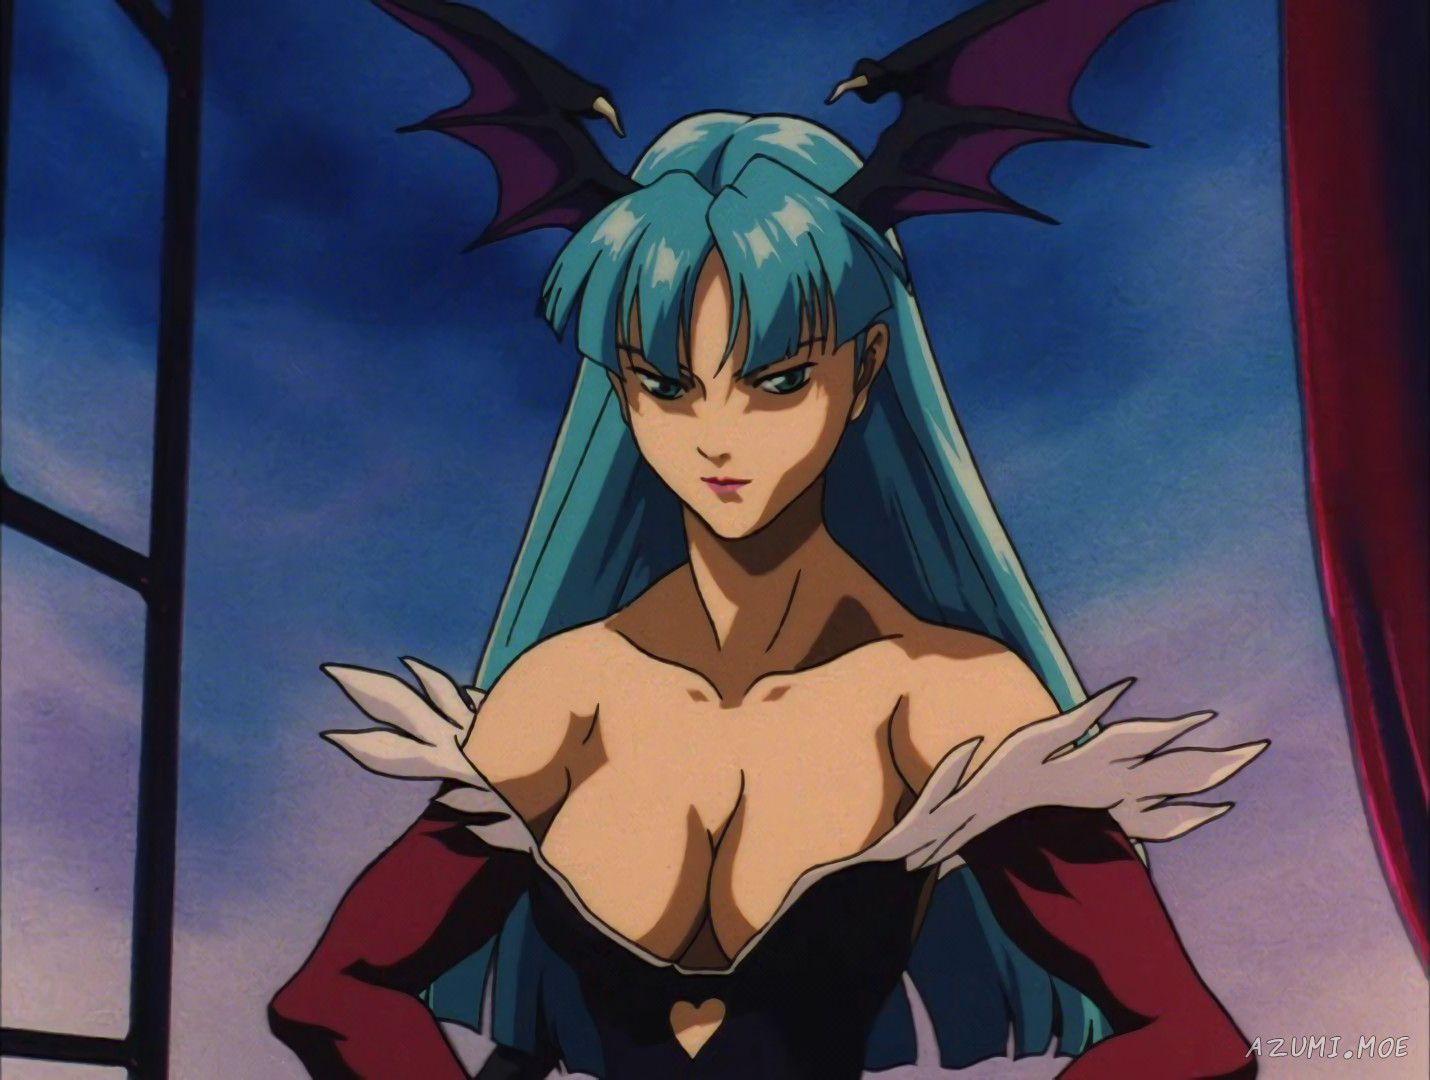 morrigan-aensland-night-warriors-darkstalkers-revenge-anime-552.jpg  1,430×1,080 pixels | Anime, Anime warrior girl, Anime characters